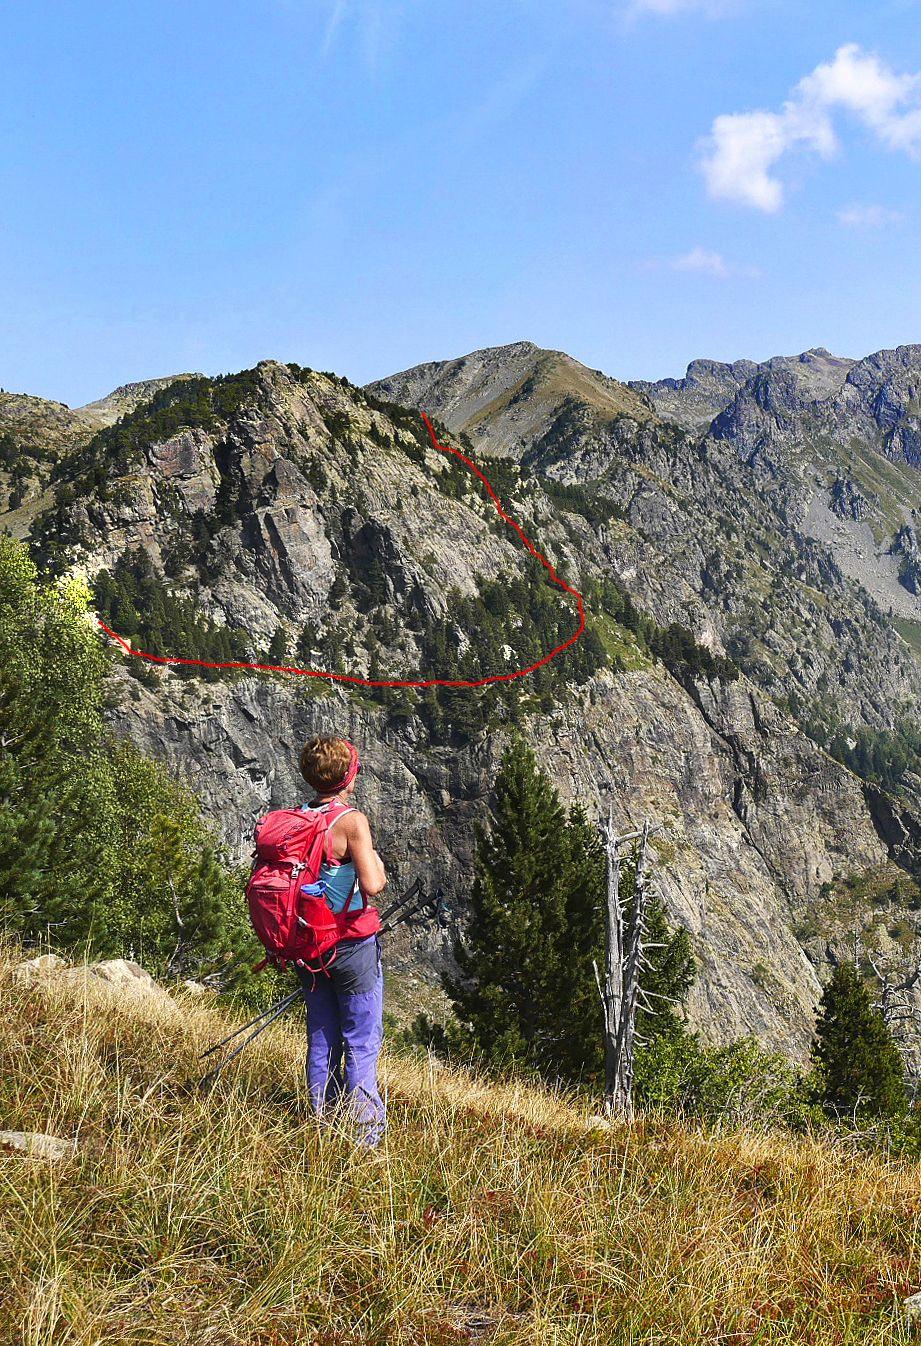 """Option plus alpine pour continuer notre parcours à l'écart : la couronne de la Dent d'Alexandre, entre les nouvelles falaises d'escalade (Dent et Petite Corse au-dessus, Gencive et Dessous de la Petite Corse à l'étage inférieur). """"Couronne"""" est un clin d'œil personnel à la dent et à sa gencive (-;"""